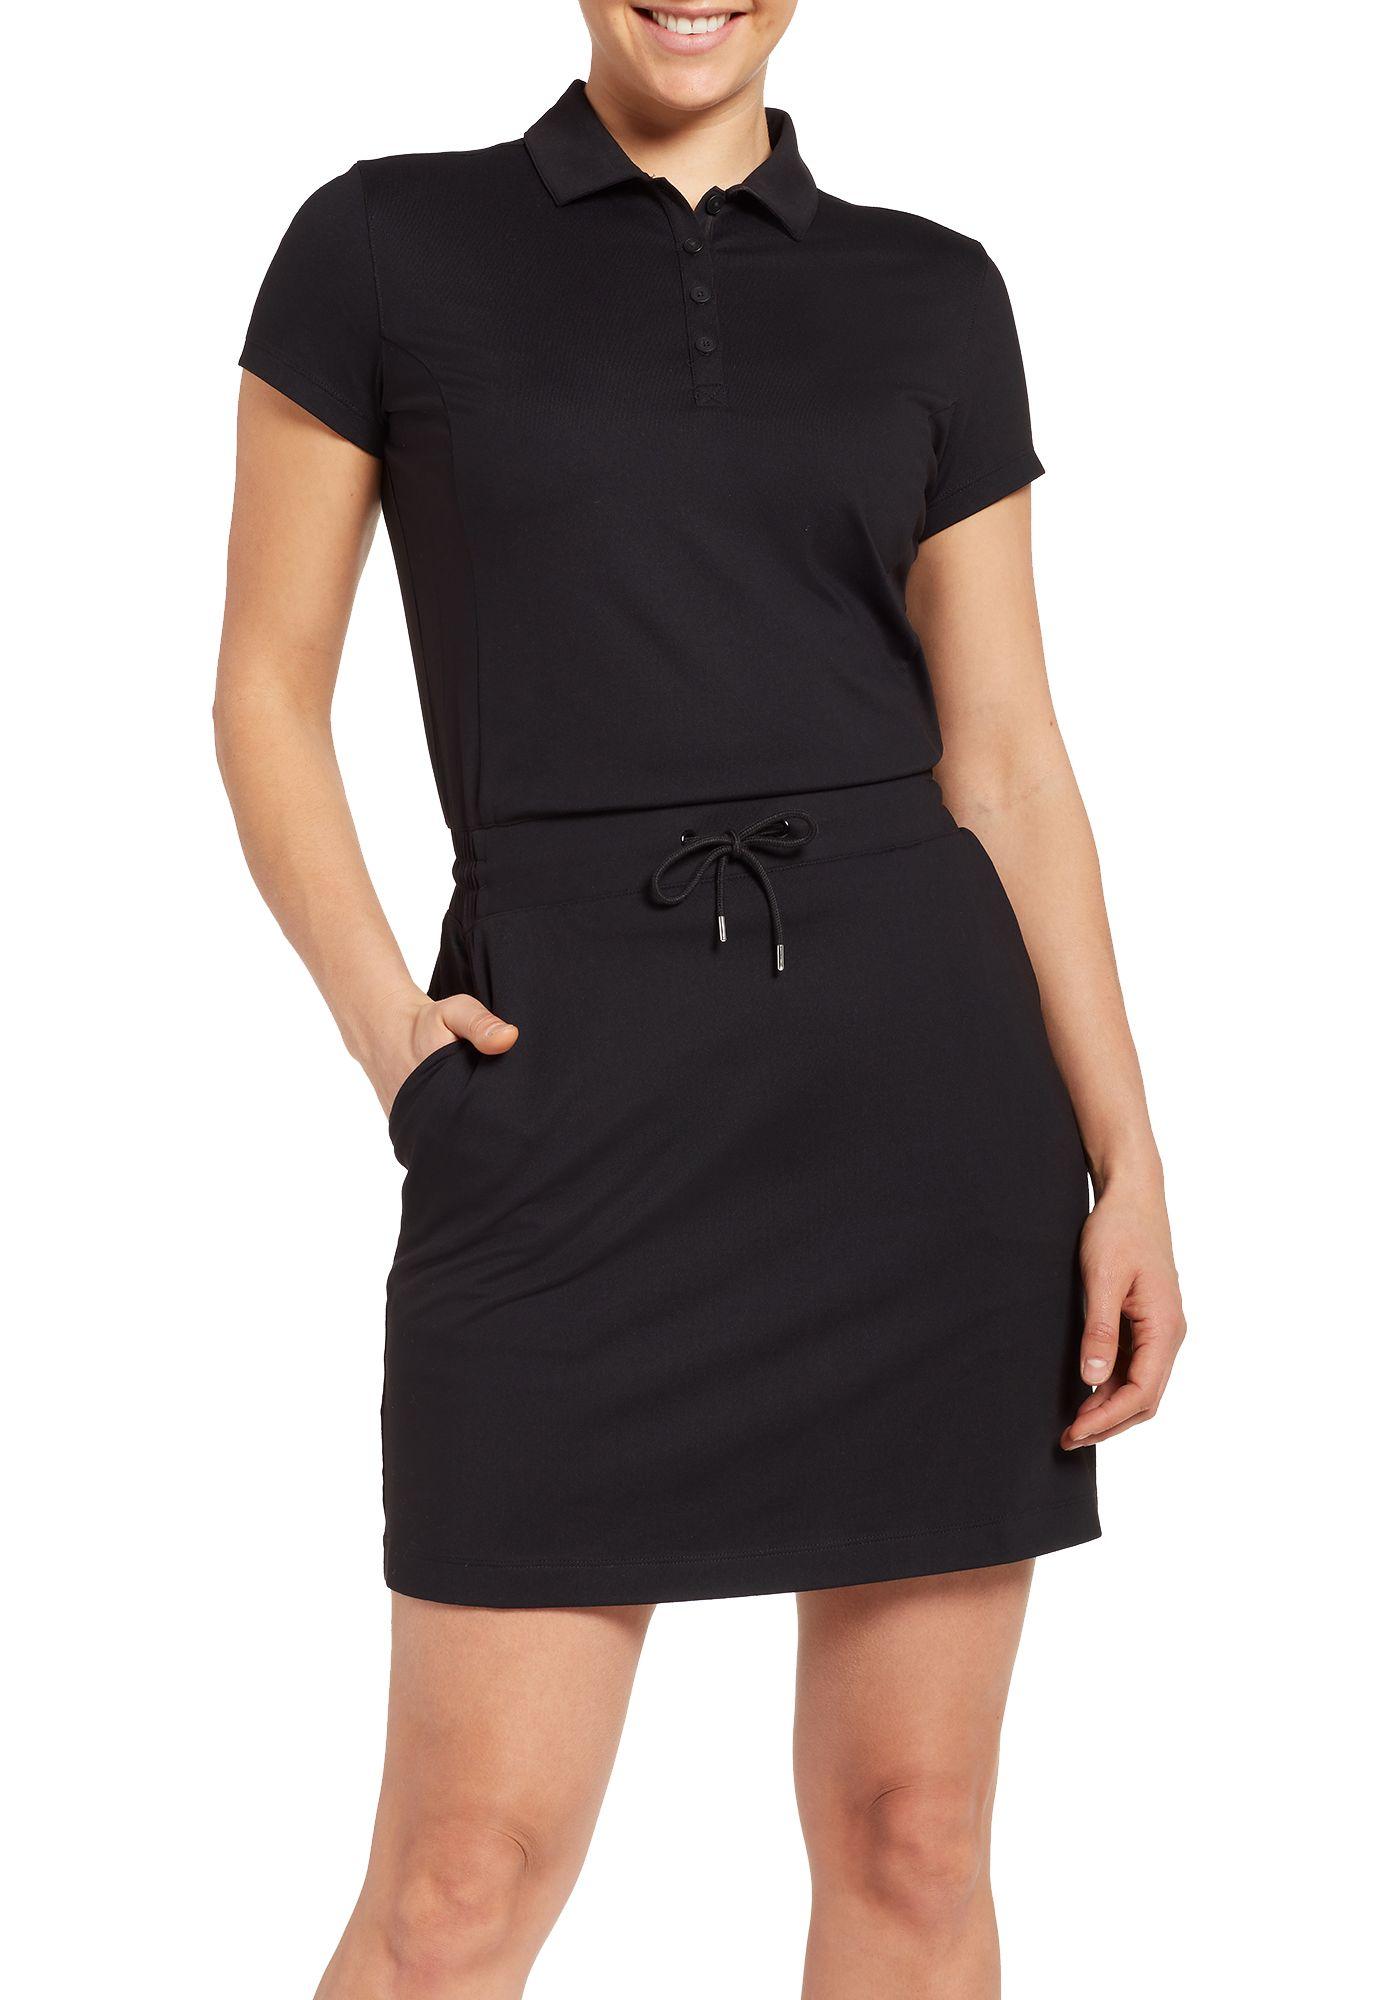 Slazenger Women's Lifestyle Golf Dress